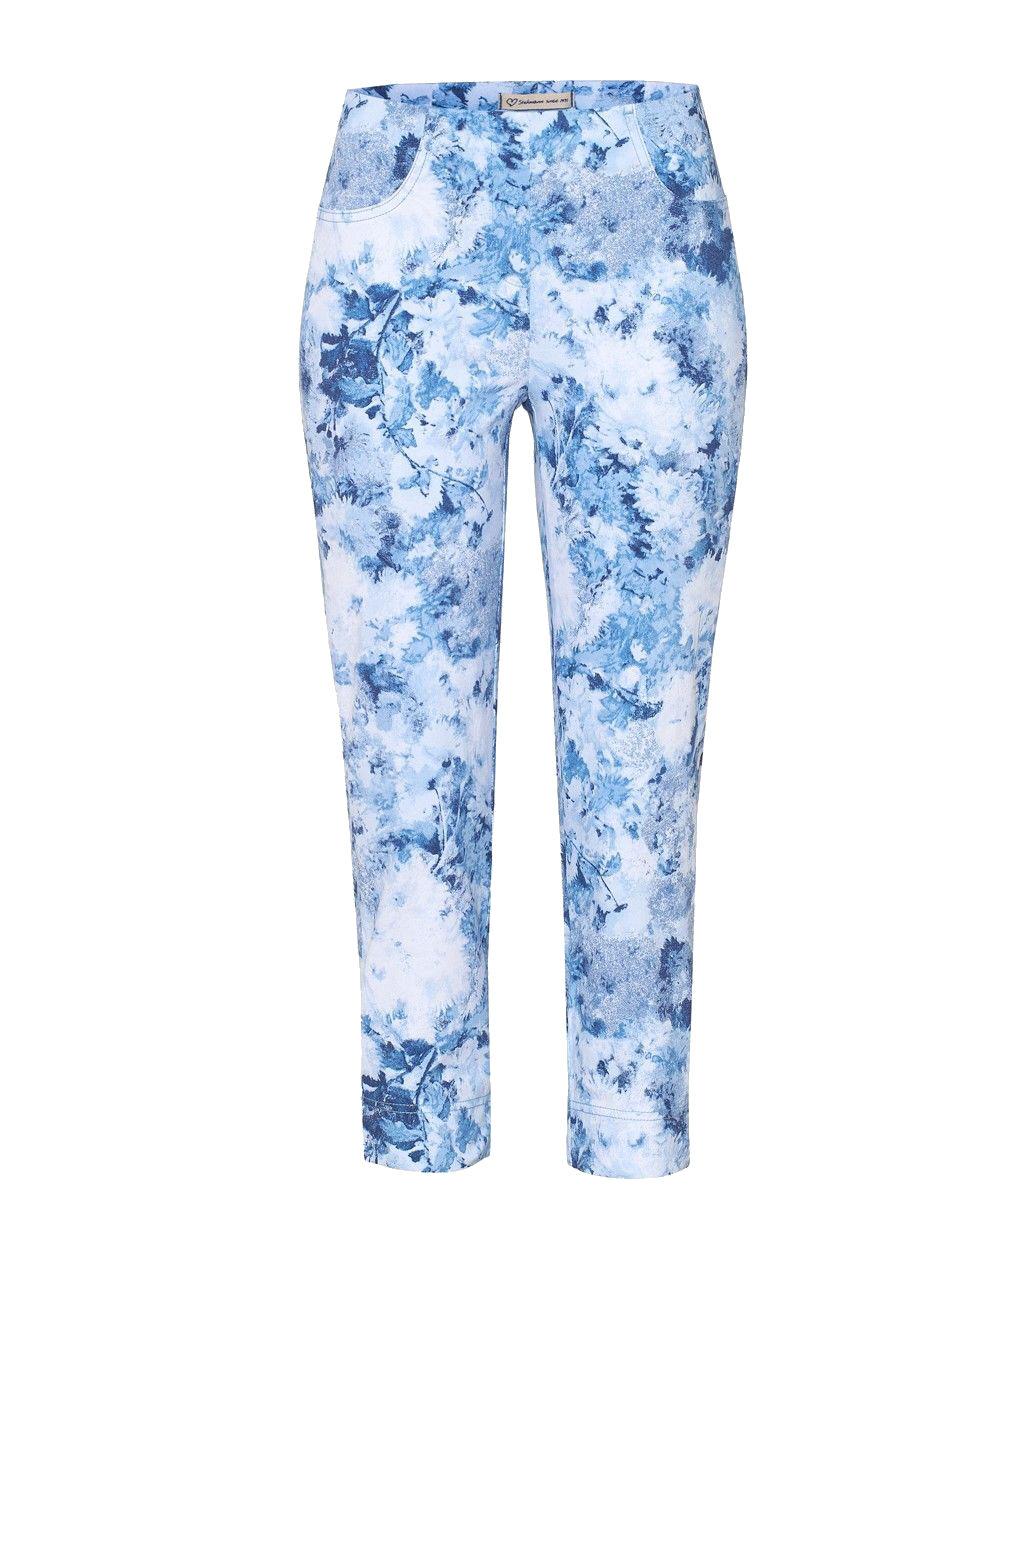 Stehmann Stretch 6 8 Hose Loli 602 W Slim florales Design Indigo blau  34-46 NEU